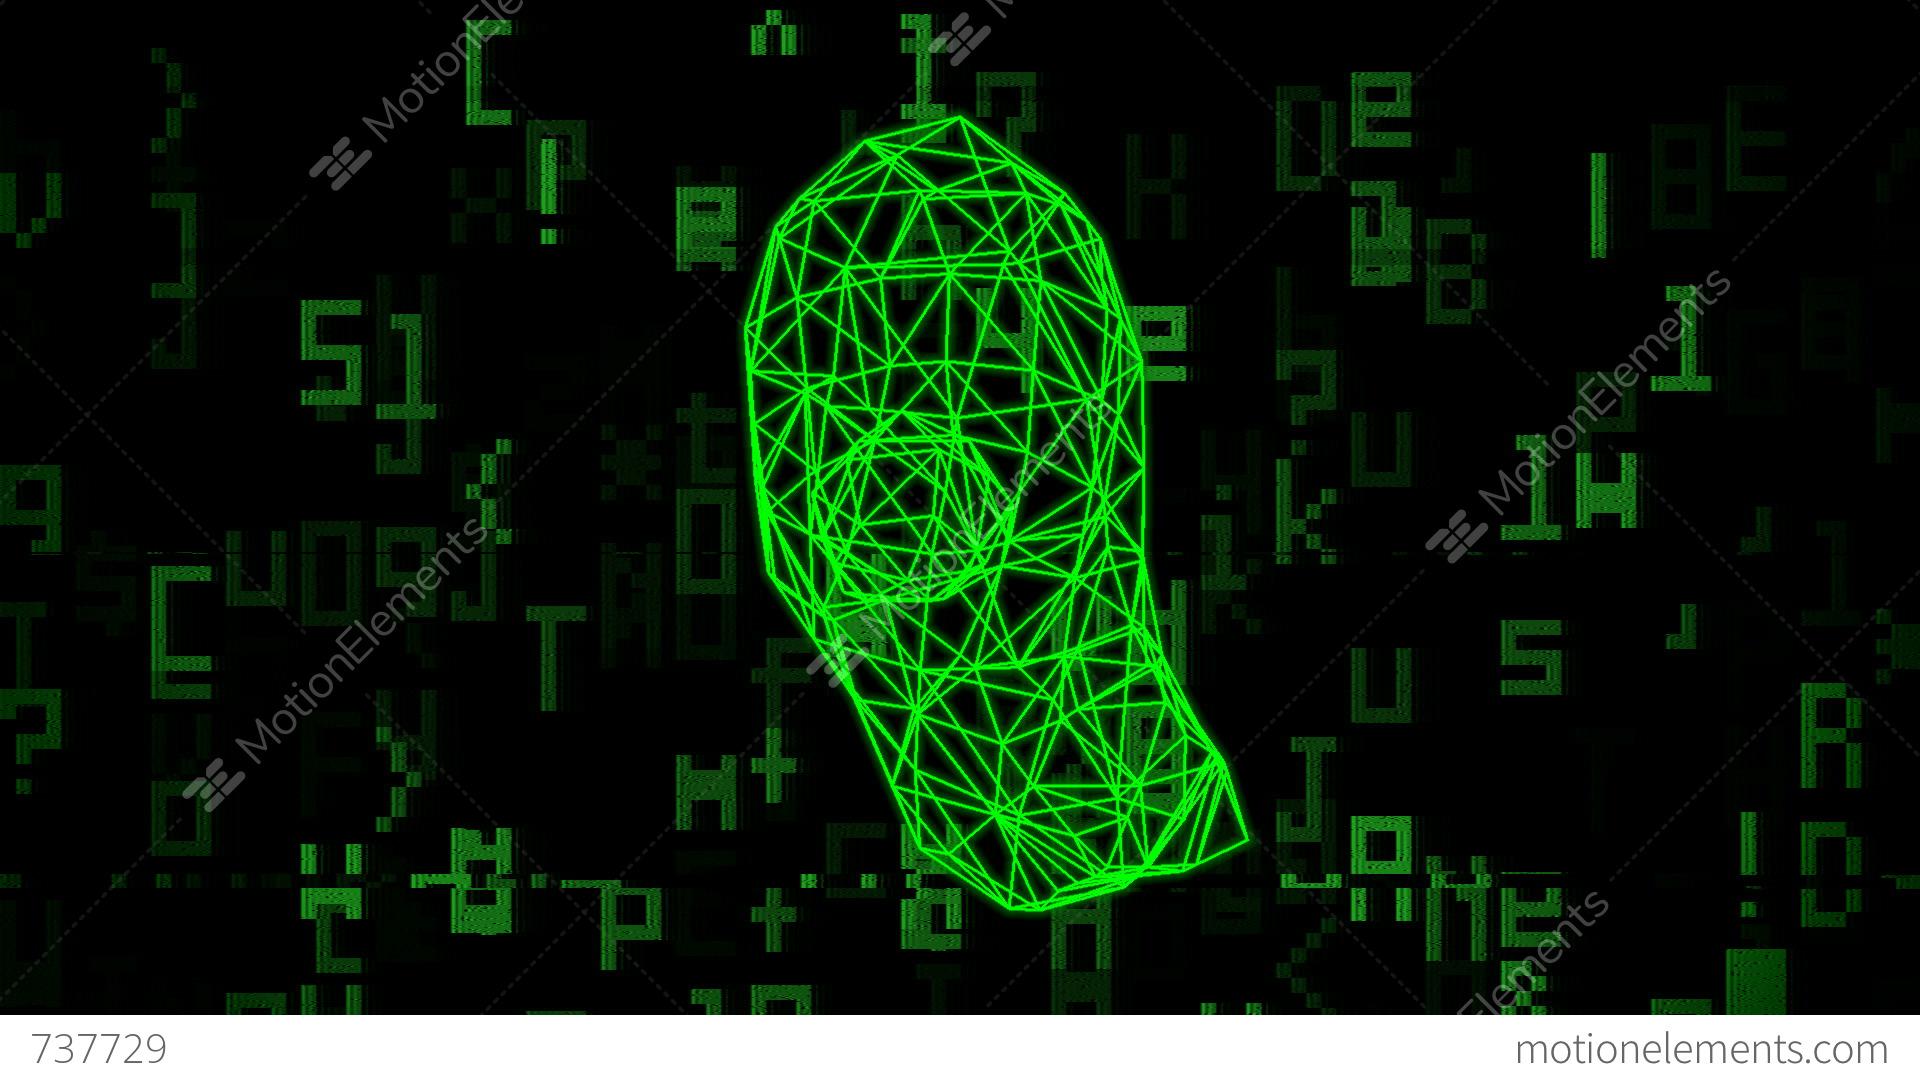 Computer Virus Hd Wallpaper Computer Virus Stock Animation 737729